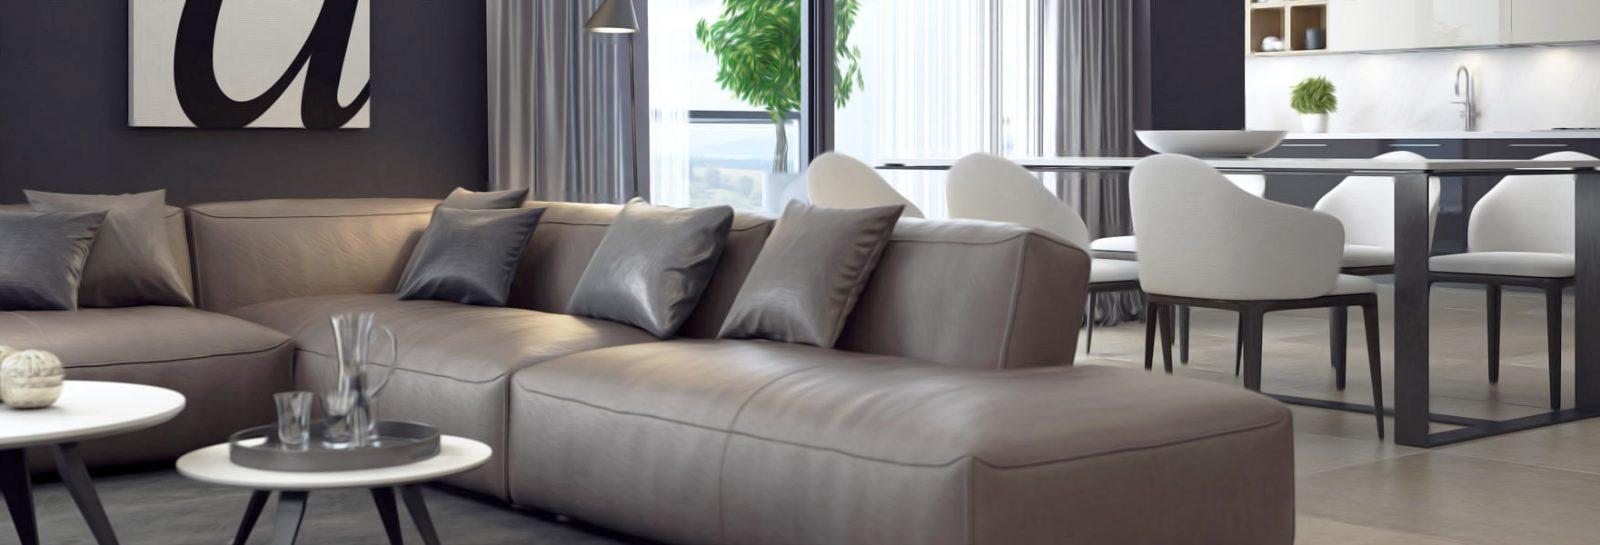 «Диванодав». Интернет-магазин доступной мебели